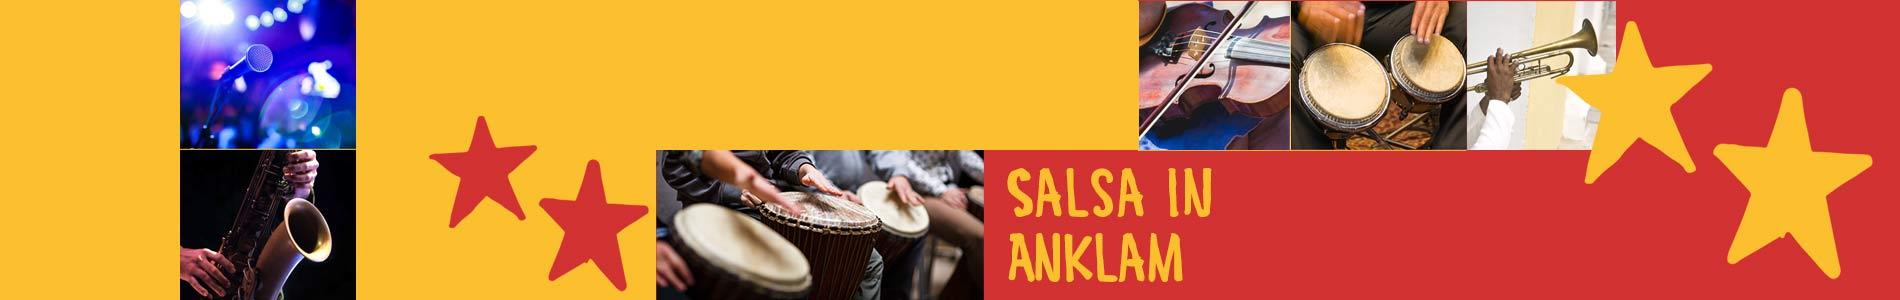 Salsa in Anklam – Salsa lernen und tanzen, Tanzkurse, Partys, Veranstaltungen